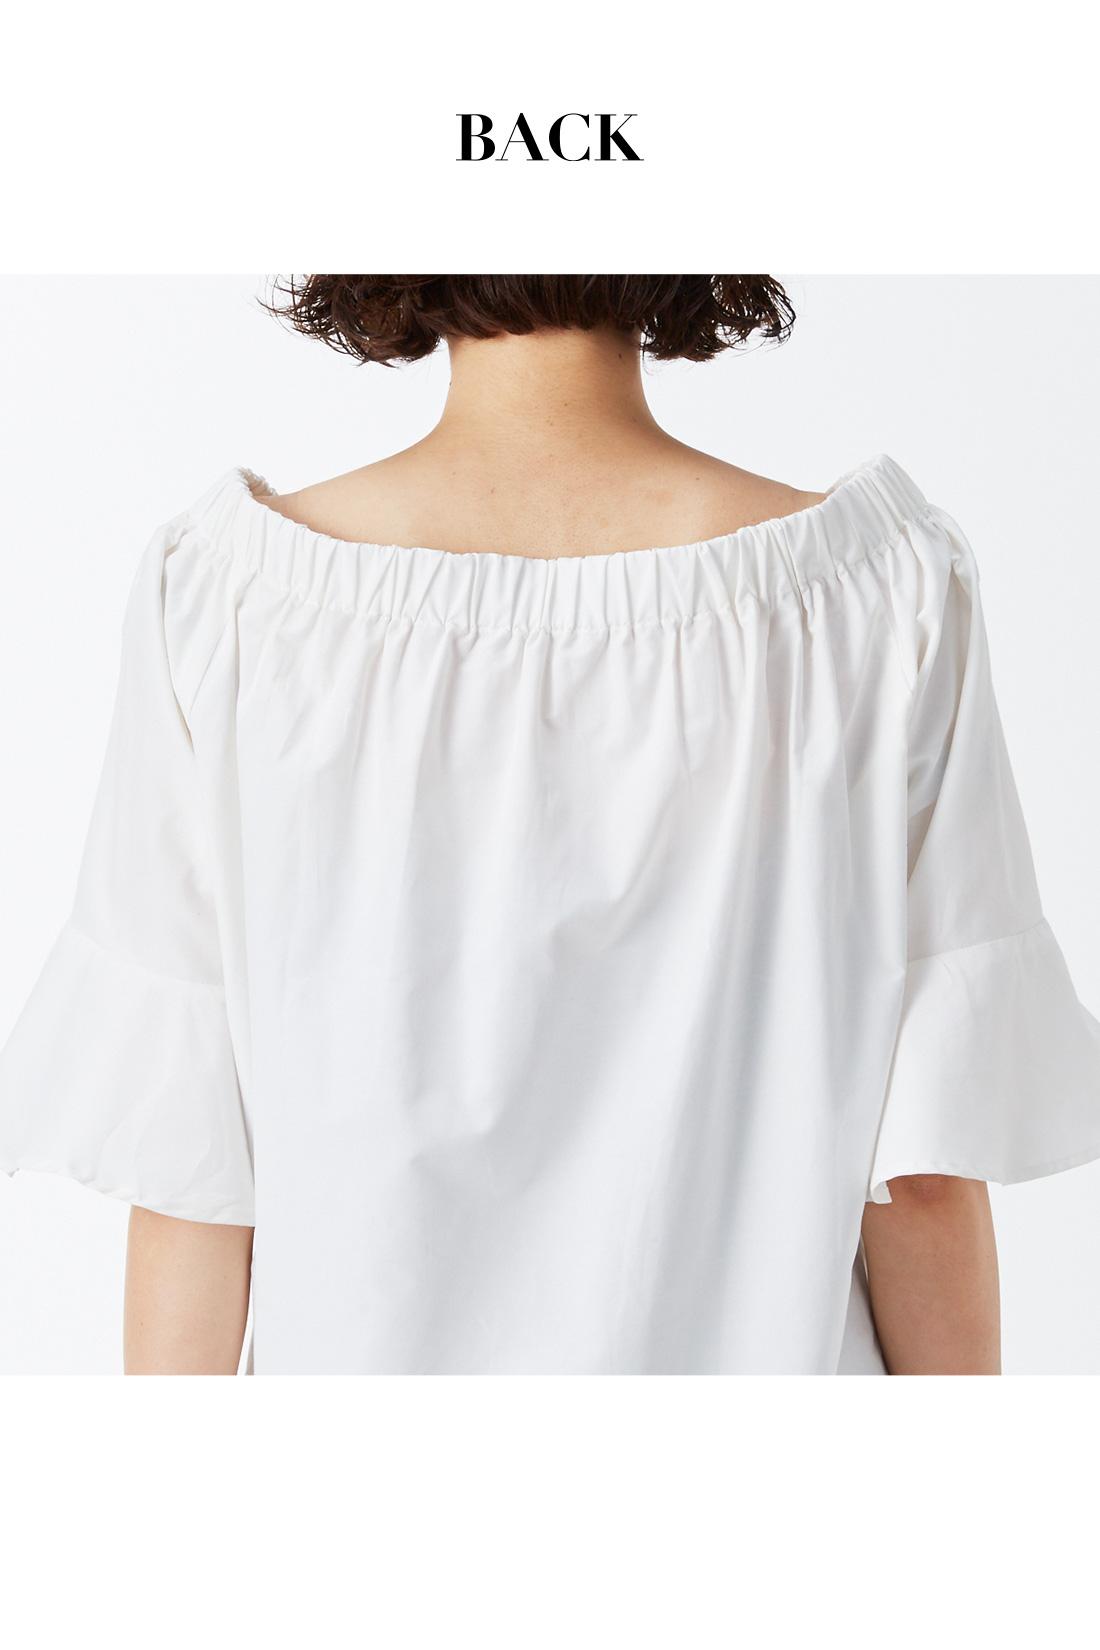 サイドからバックにかけてゴム仕様のデザインで、らくに着られて美しさはキープ。 ※着用イメージです。お届けするカラーとは異なります。